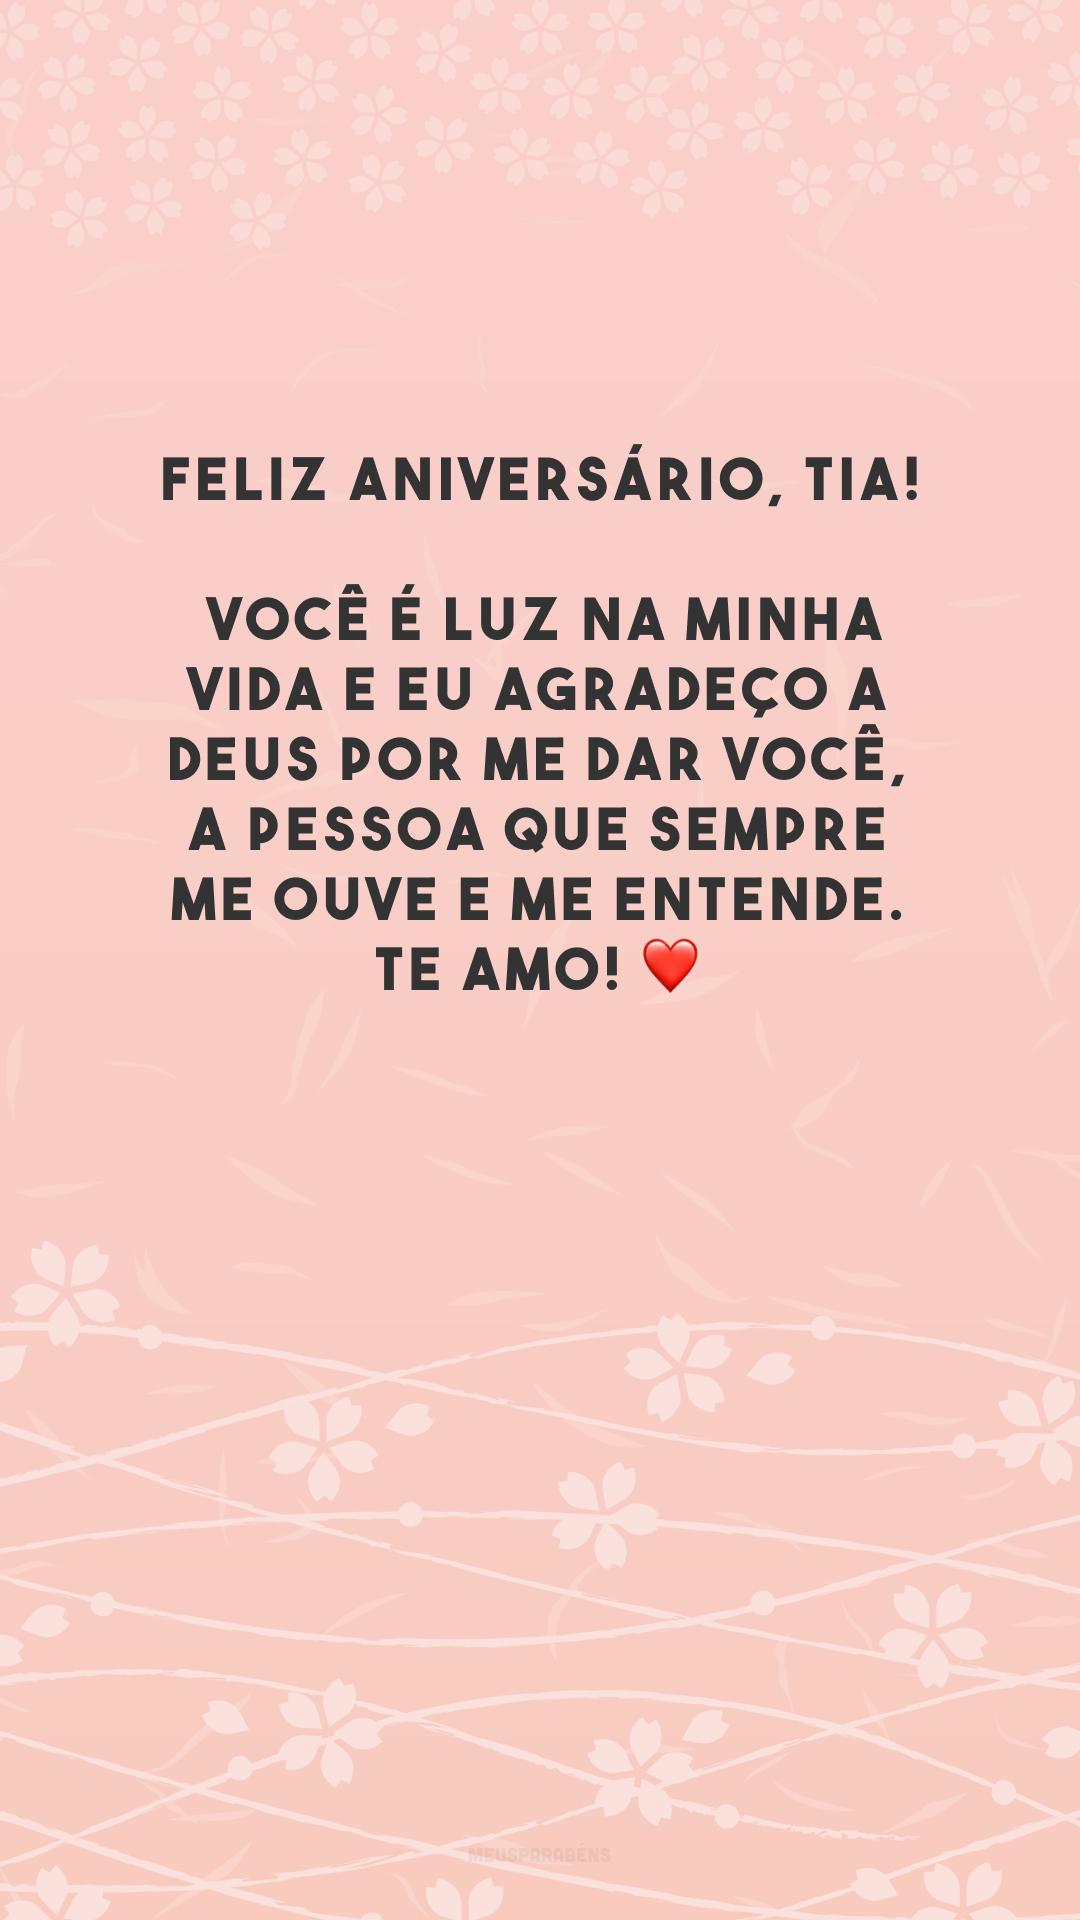 Feliz aniversário, tia! Você é luz na minha vida e eu agradeço a Deus por me dar você, a pessoa que sempre me ouve e me entende. Te amo! ❤️